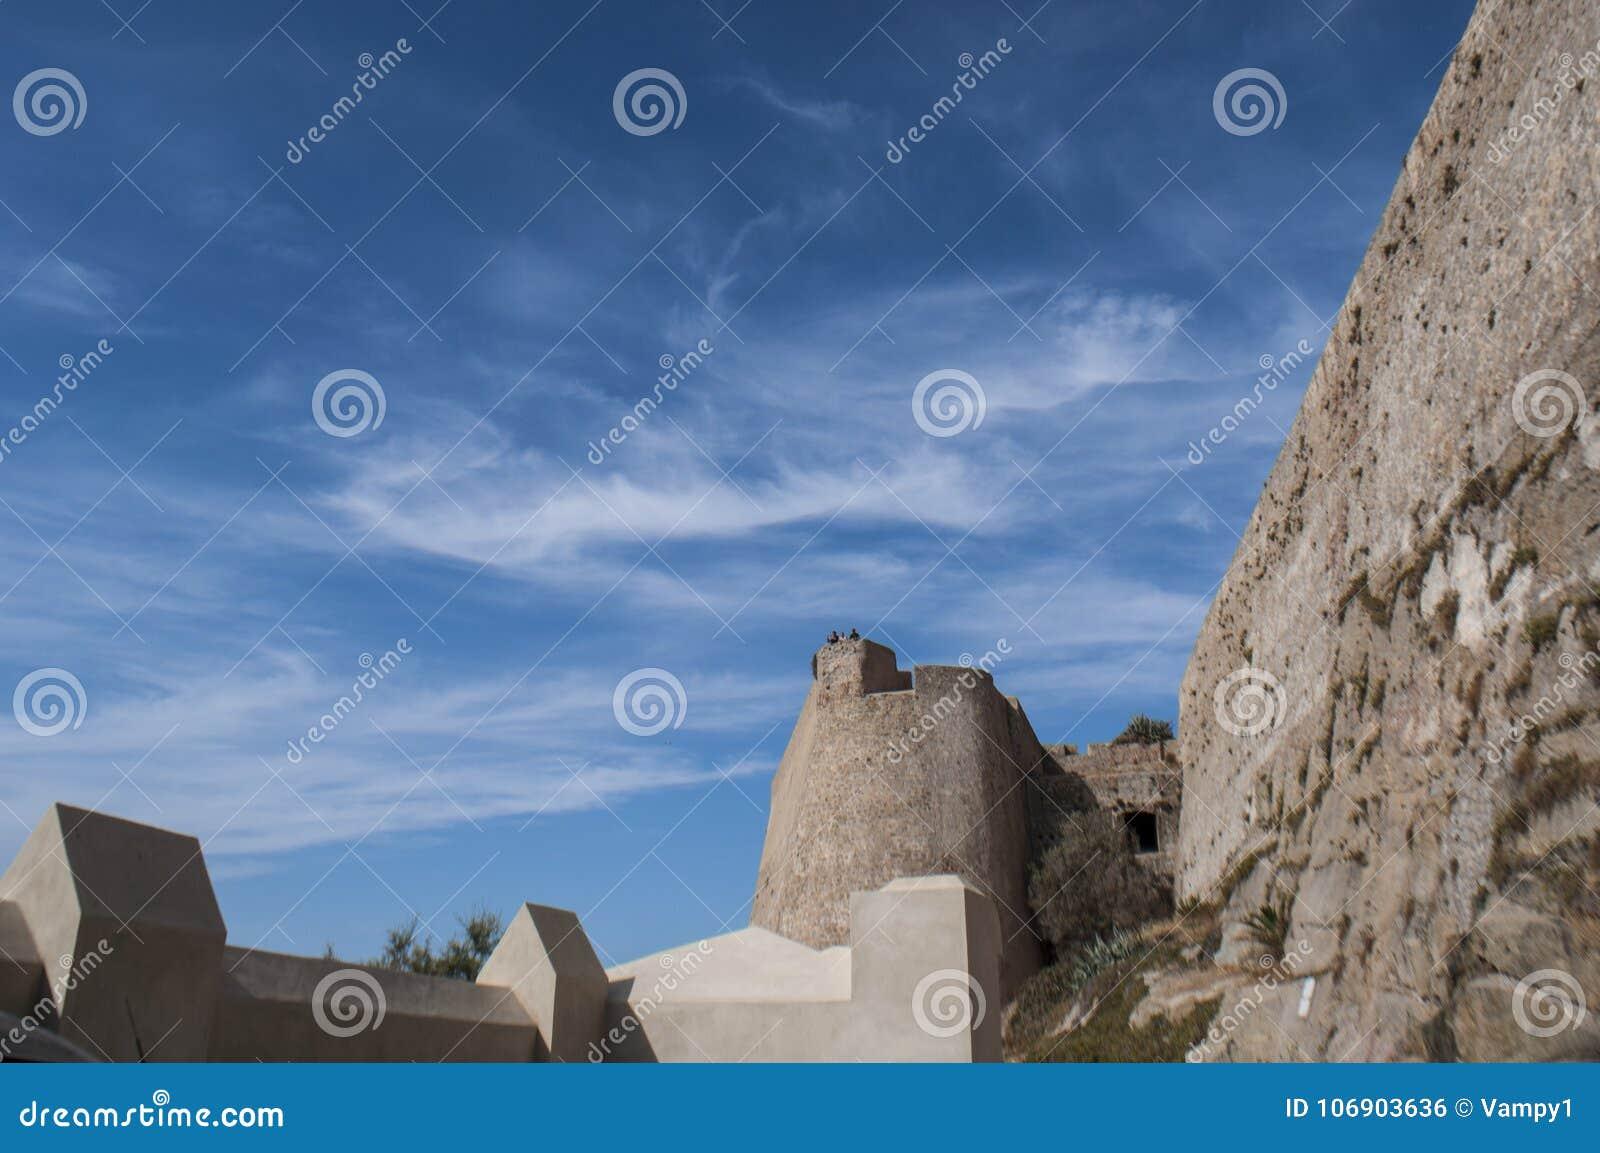 Calvi, cytadela, antyczne ściany, linia horyzontu, Corsica, Corse, Francja, Europa, wyspa